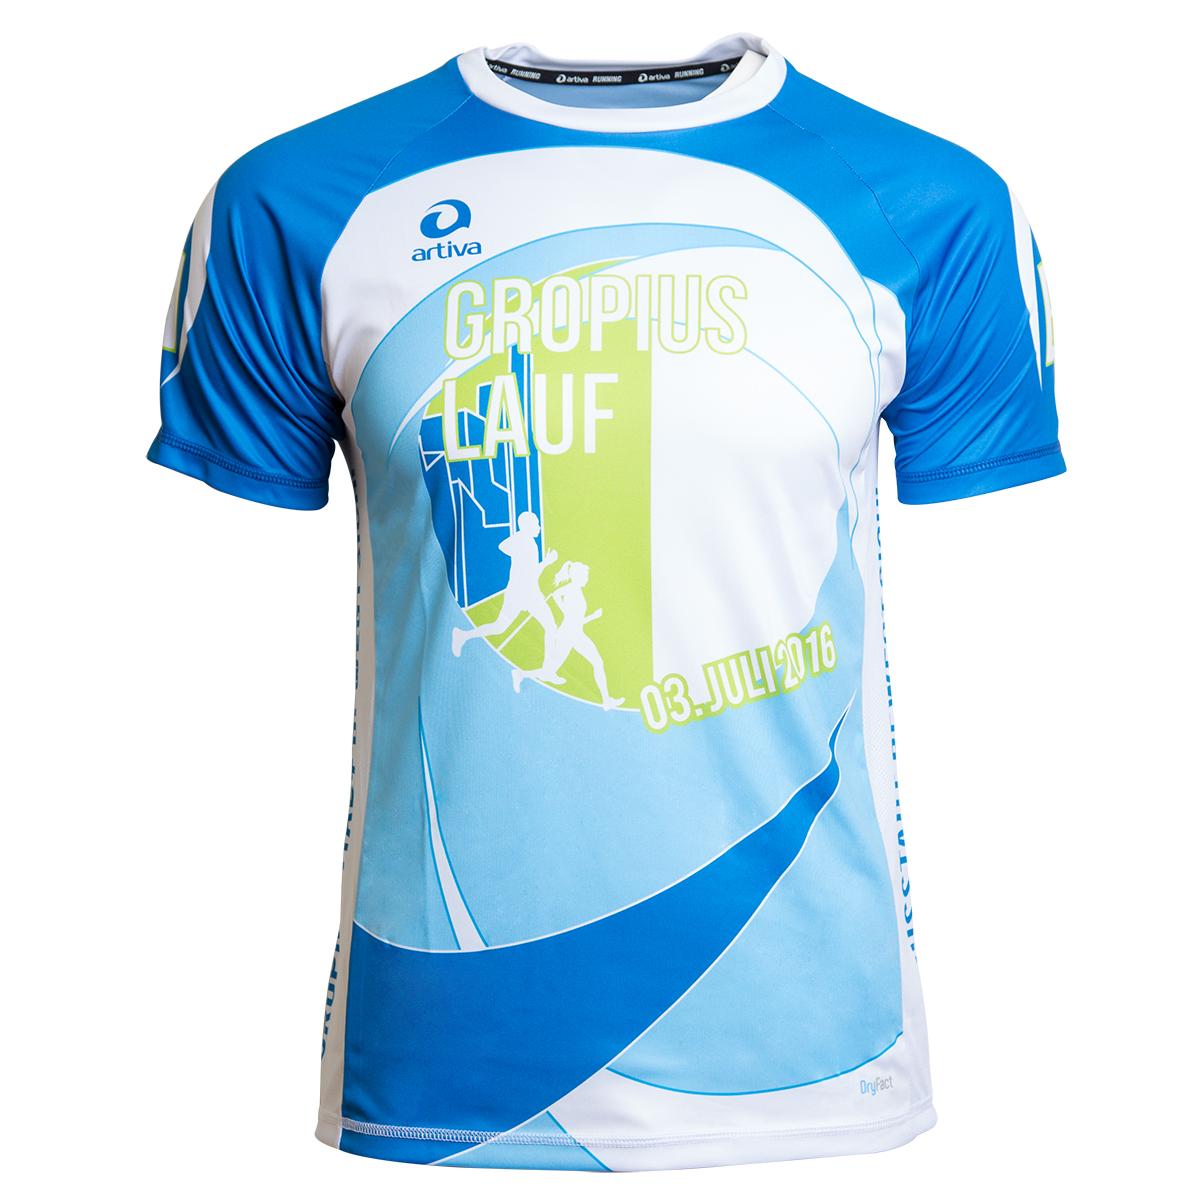 Event Shirt Design   Finisher Und Veranstaltungsshirts Individuell Von Artiva